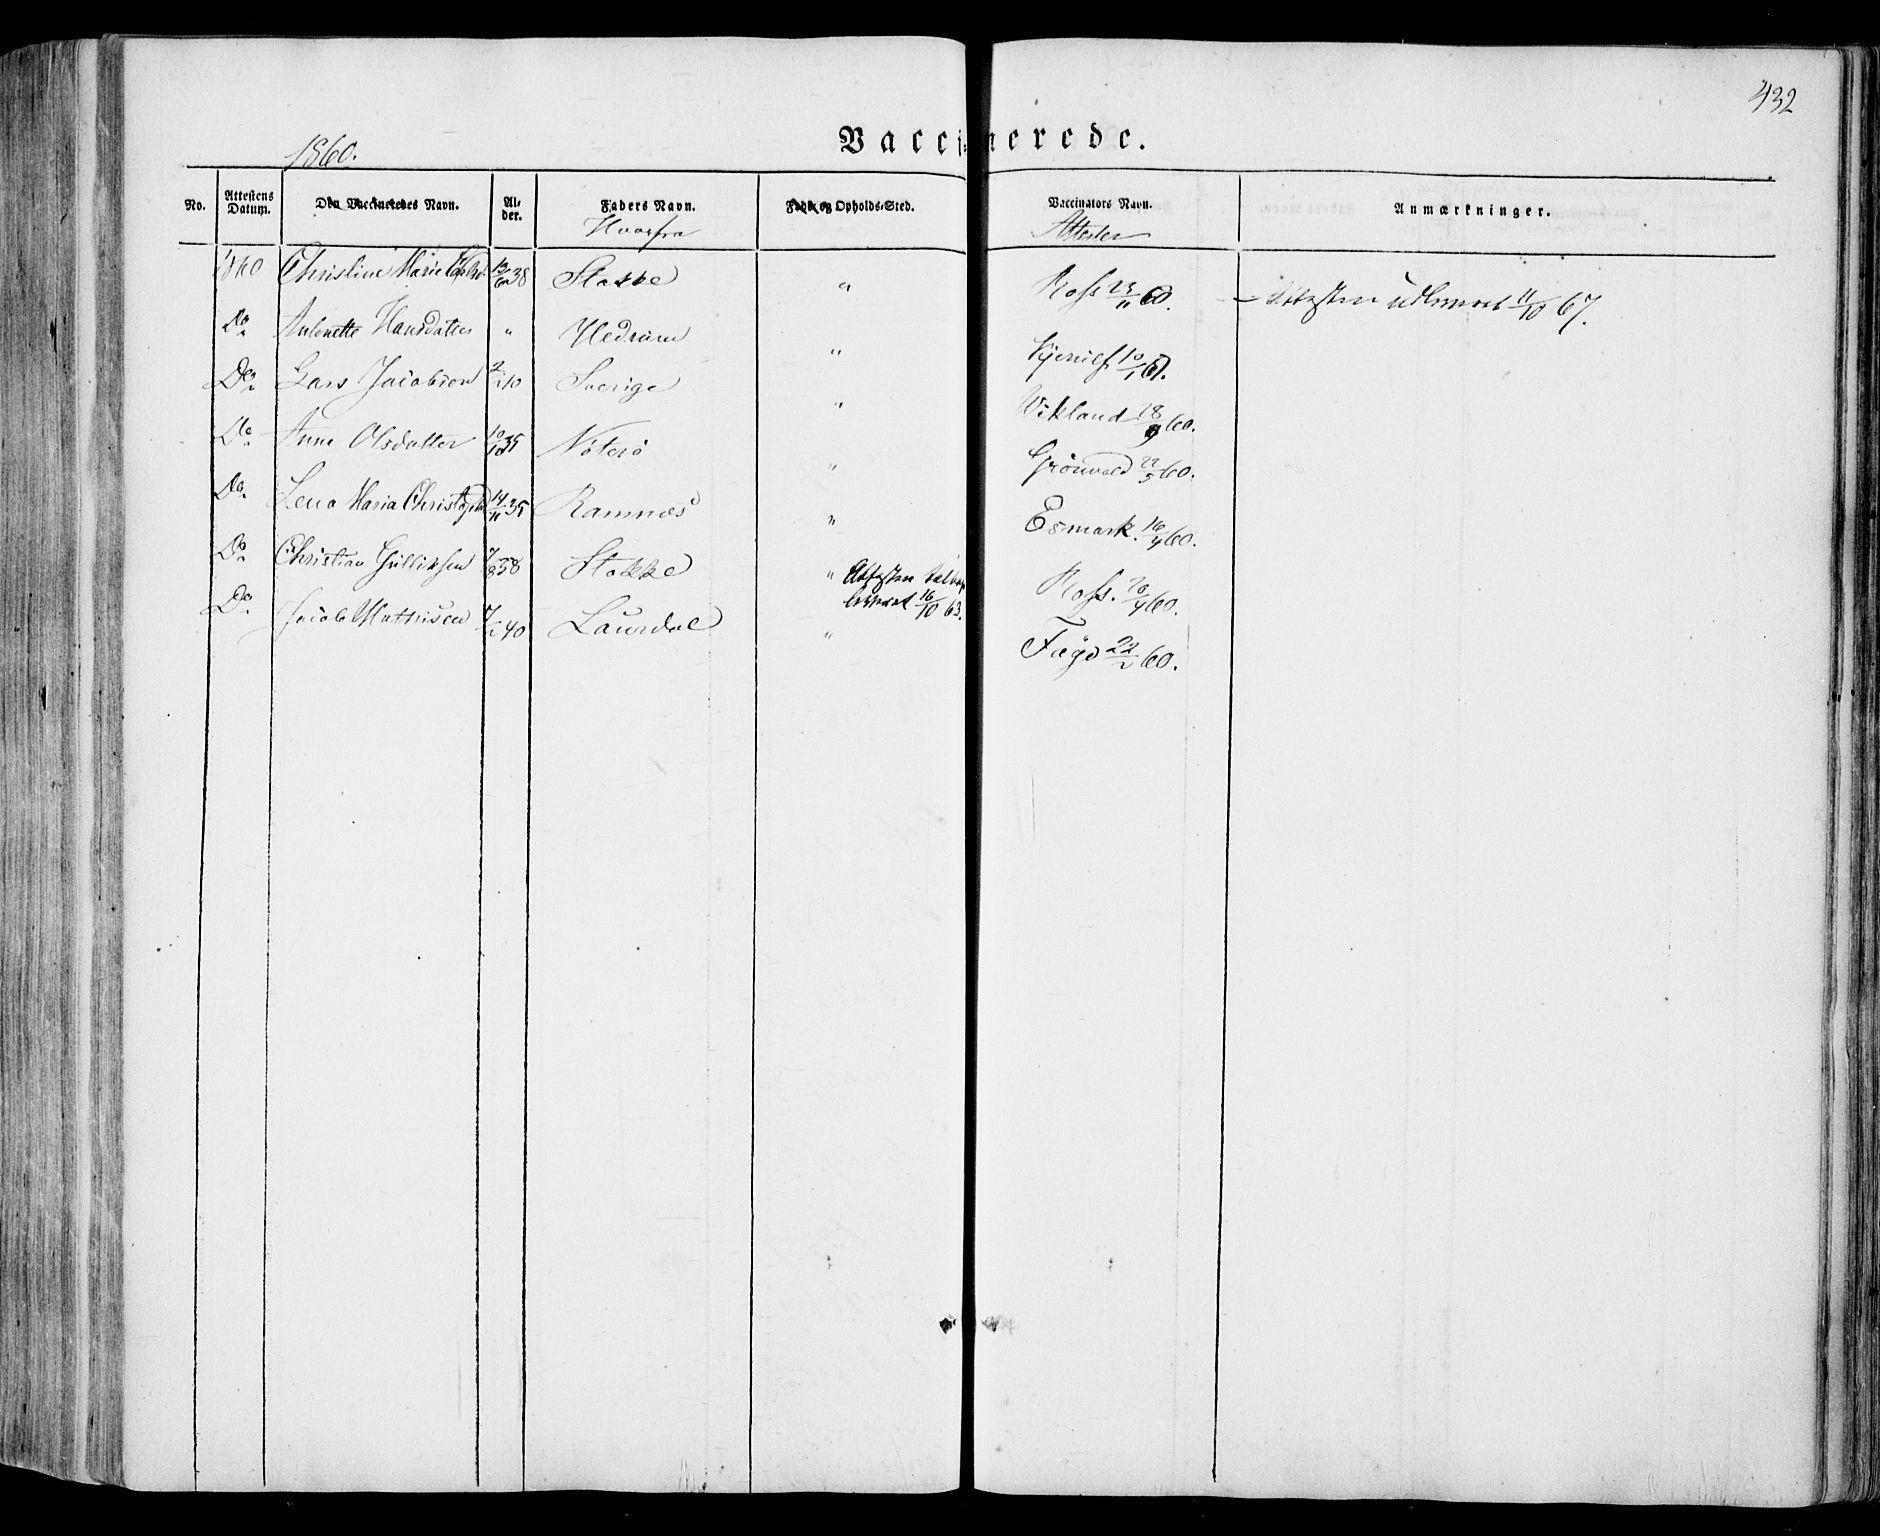 SAKO, Sandar kirkebøker, F/Fa/L0006: Ministerialbok nr. 6, 1847-1860, s. 432